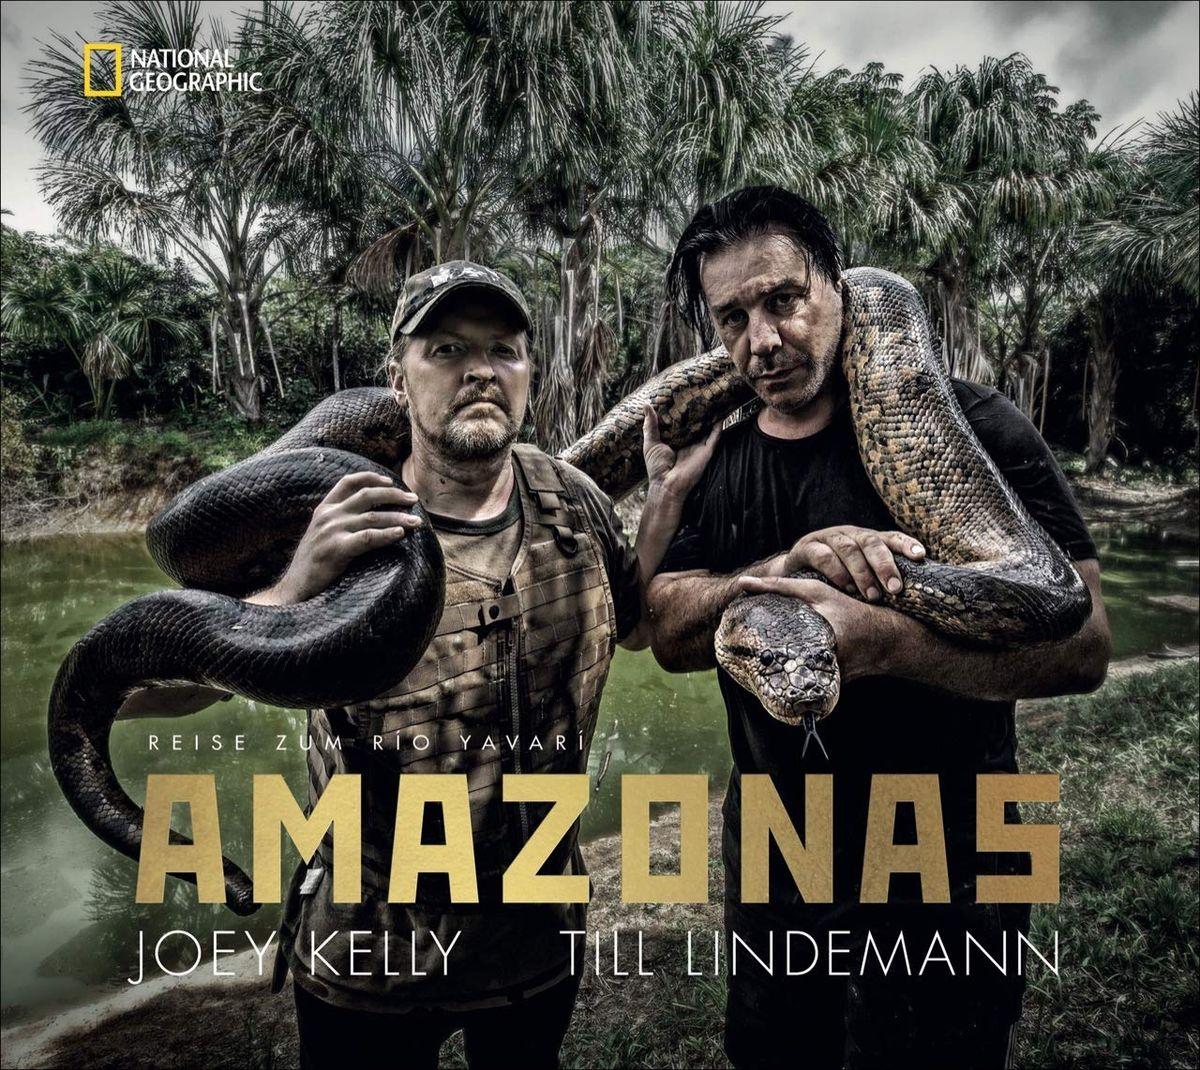 Joey Kelly | Till Lindemann Amazonas Fotos: Thomas Stachelhaus | Matthias Matthies 240 Seiten | 79,- Euro ISBN 978-3-86690-705-8